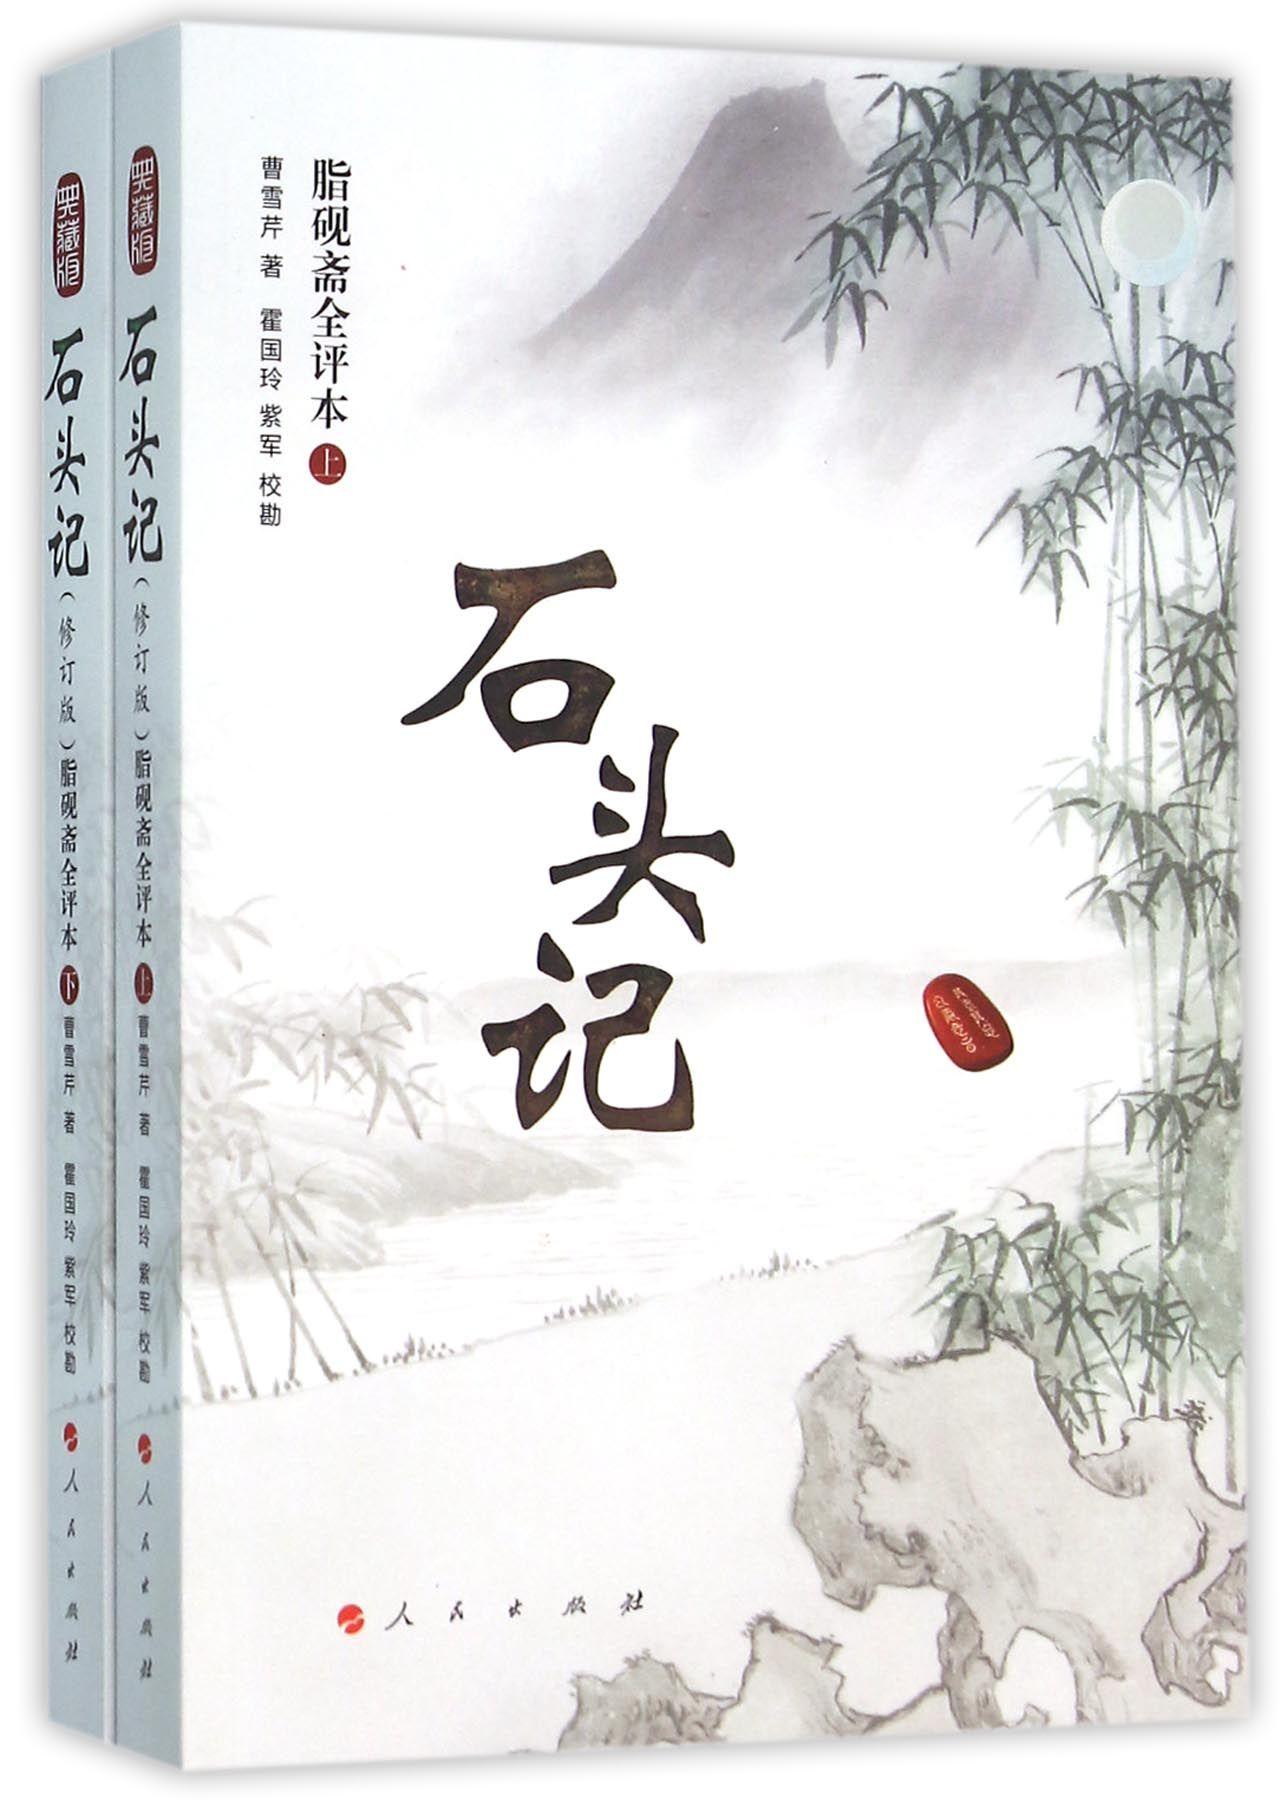 石頭記(脂硯齋全評本